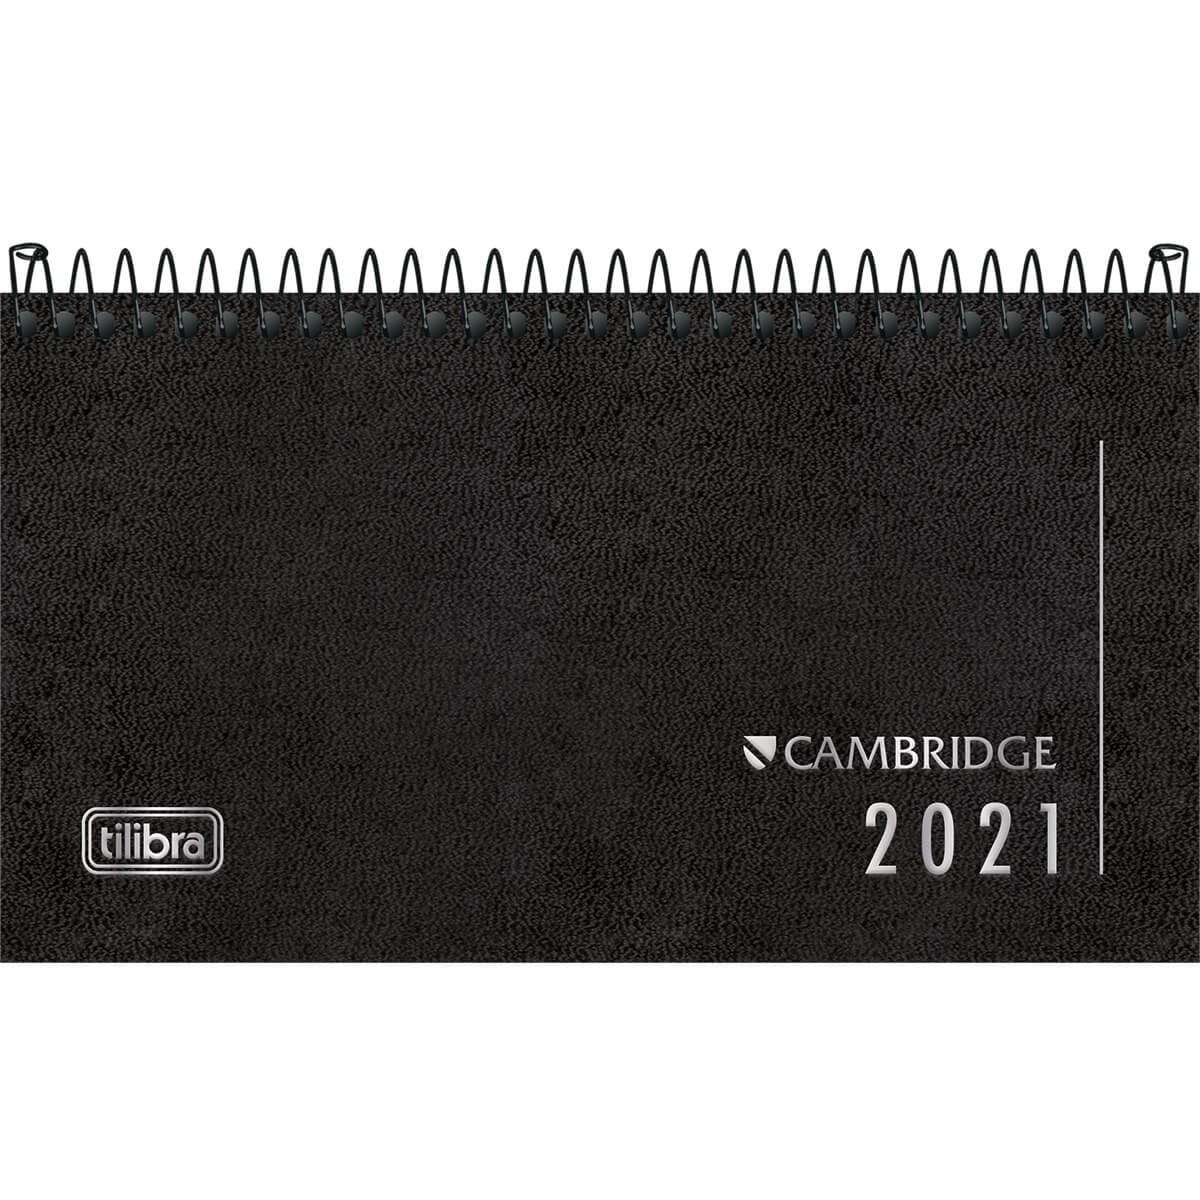 Agenda Espiral Executiva De Bolso 2021 Cambridge M2 Tilibra